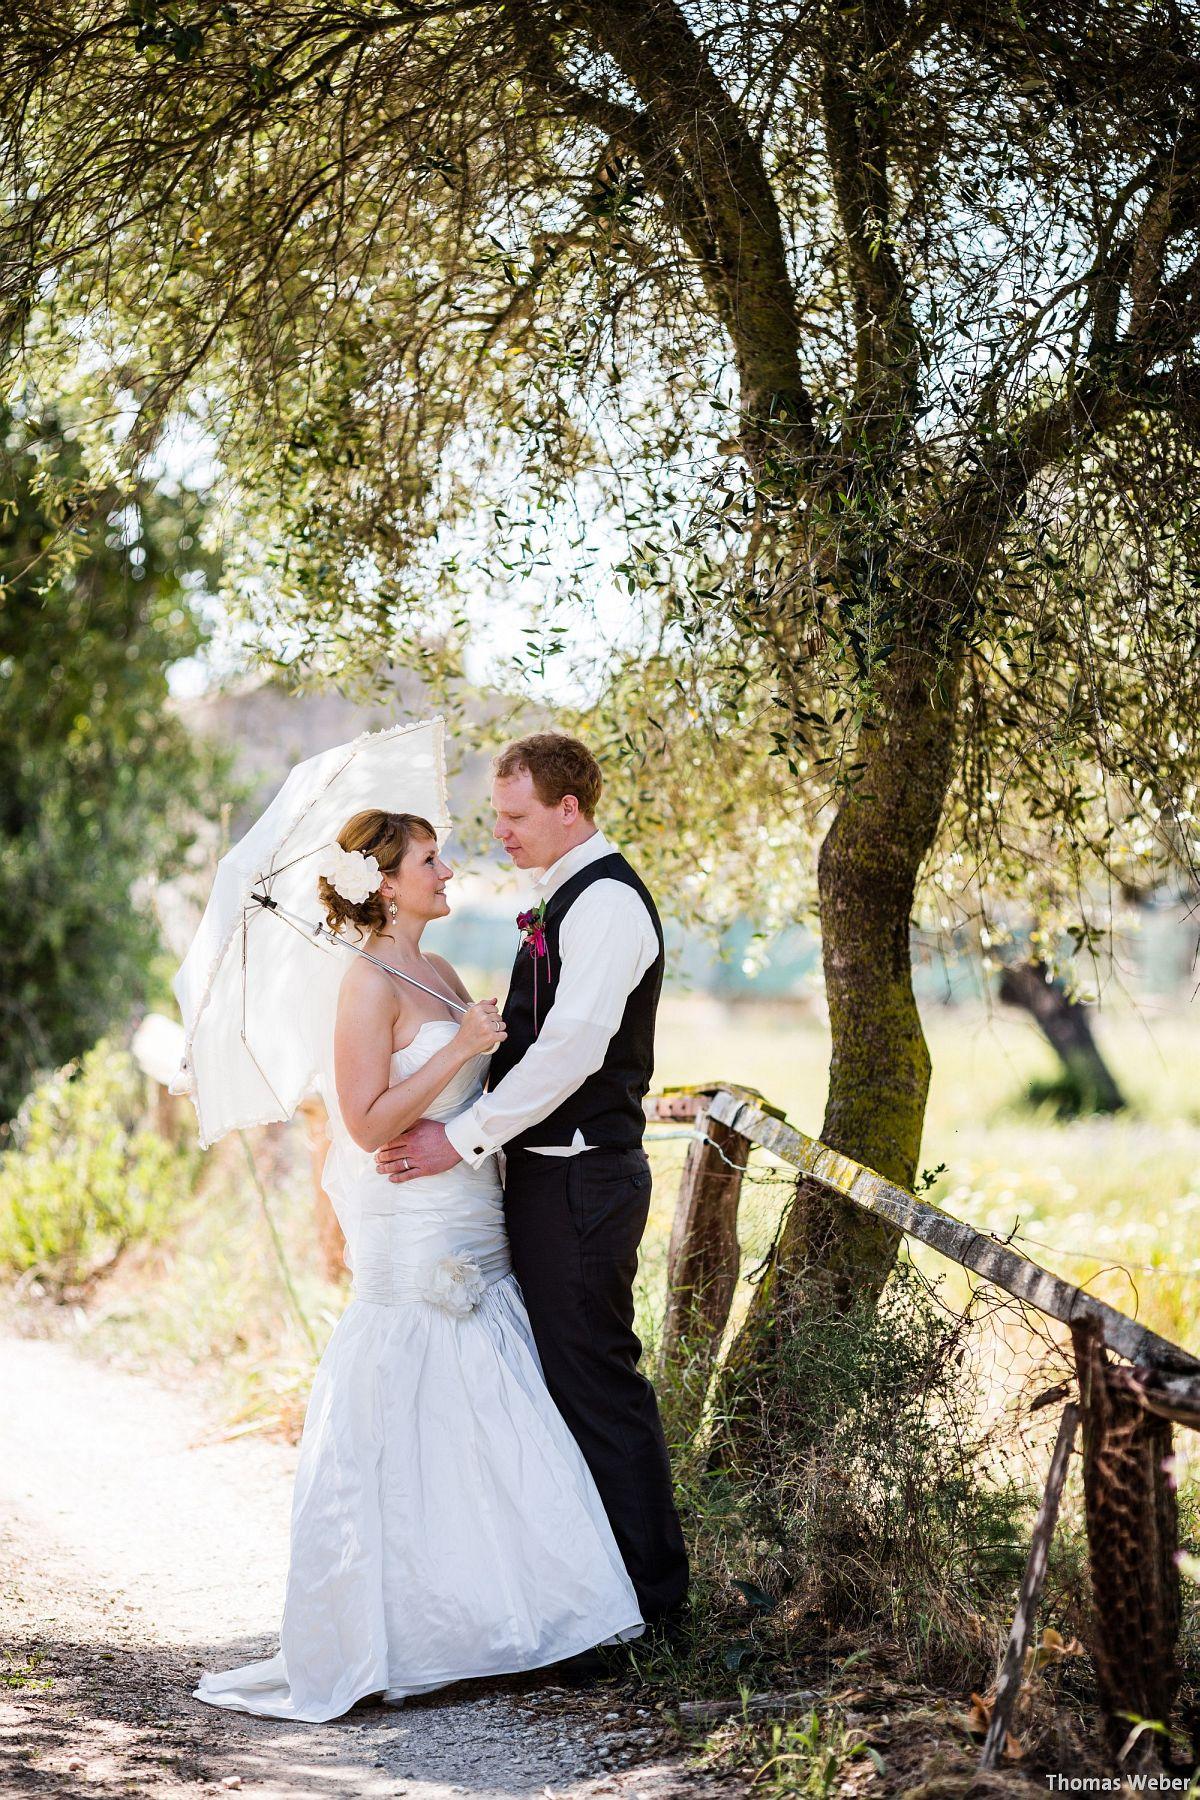 Hochzeitsfotograf Thomas Weber aus Oldenburg: Hochzeitsfotos und Paarfotos auf Mallorca (30)